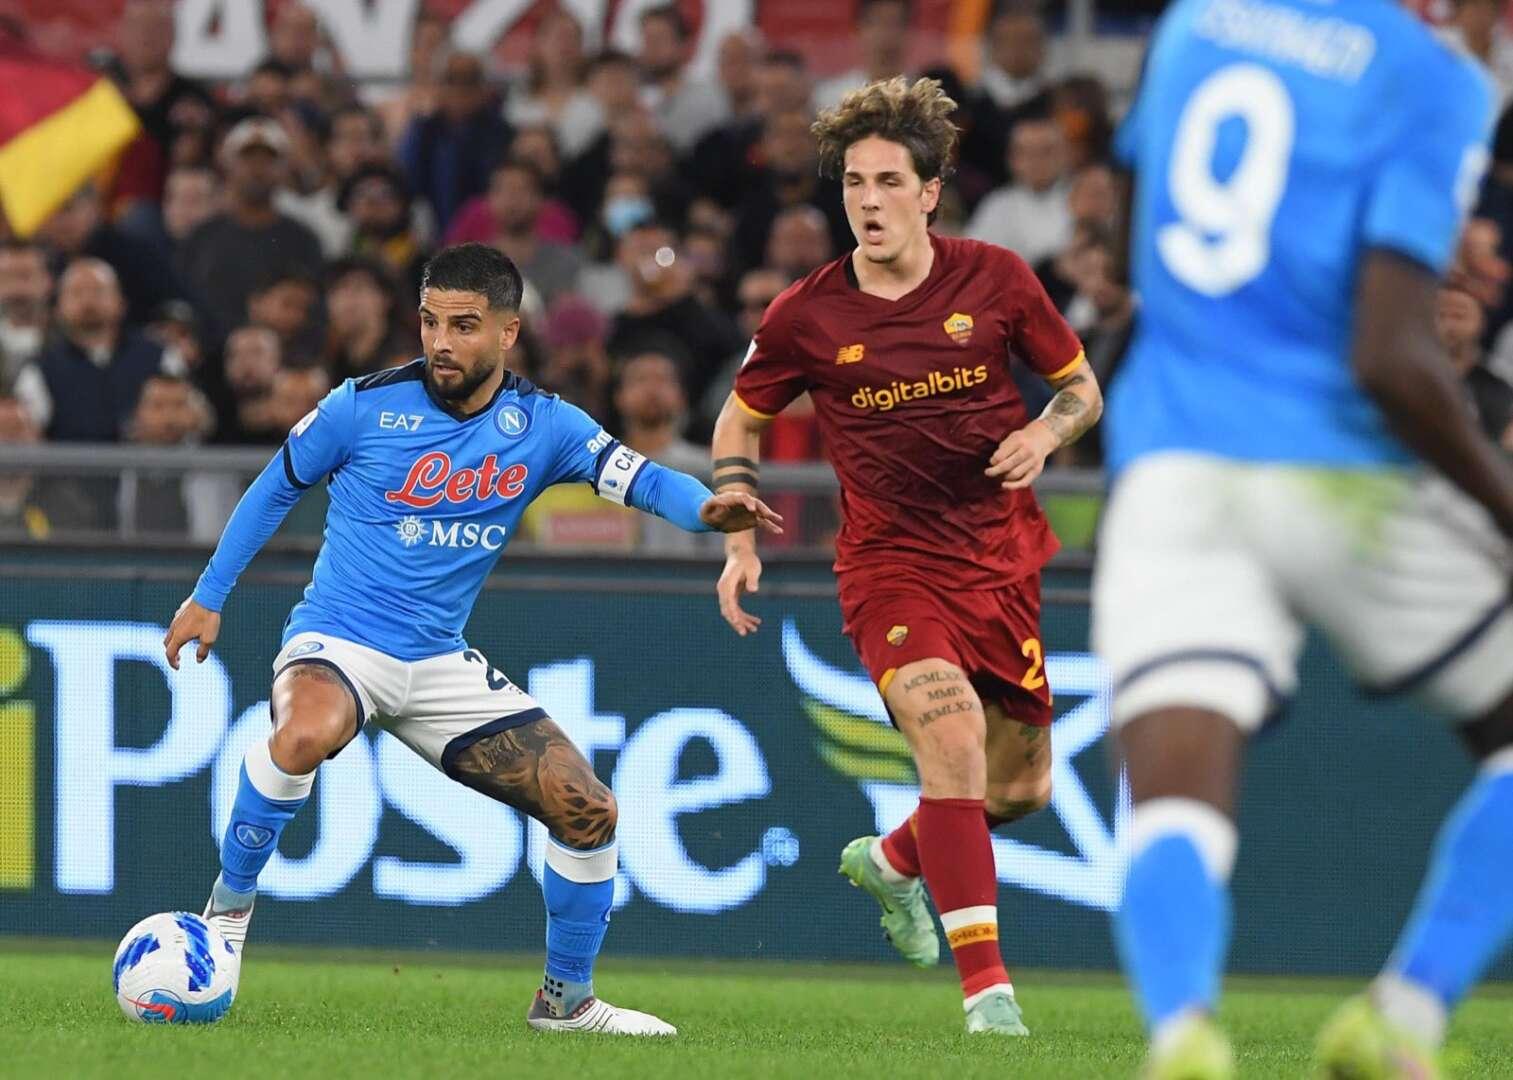 La Roma ferma la corsa del Napoli, finisce senza gol all'Olimpico